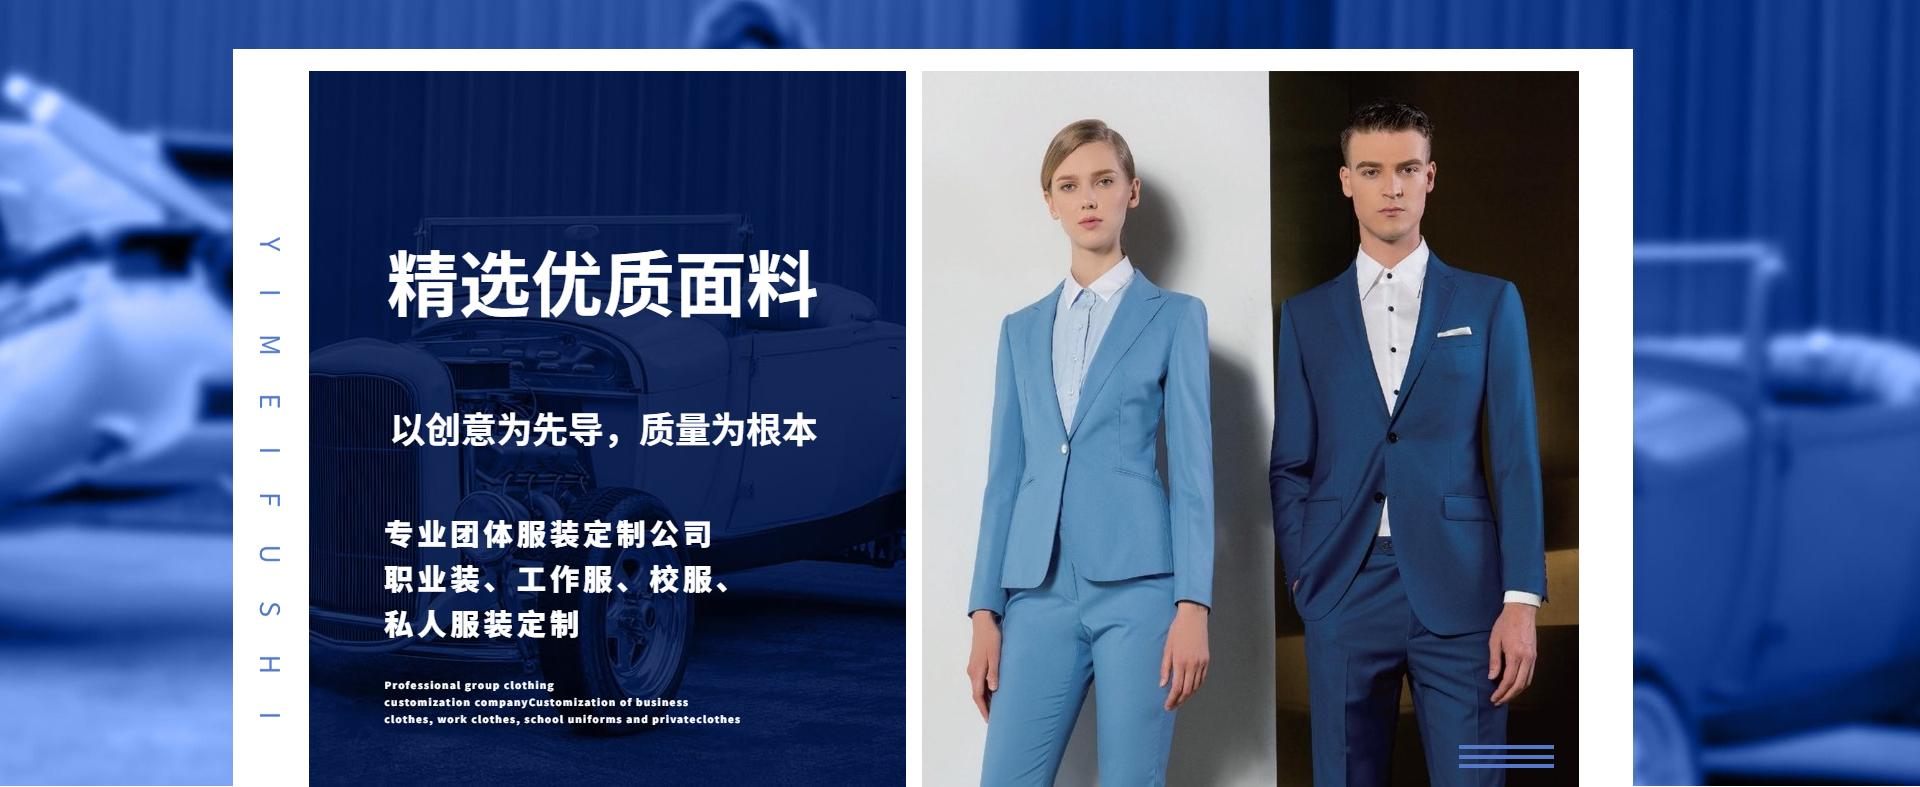 重庆西服定做厂家